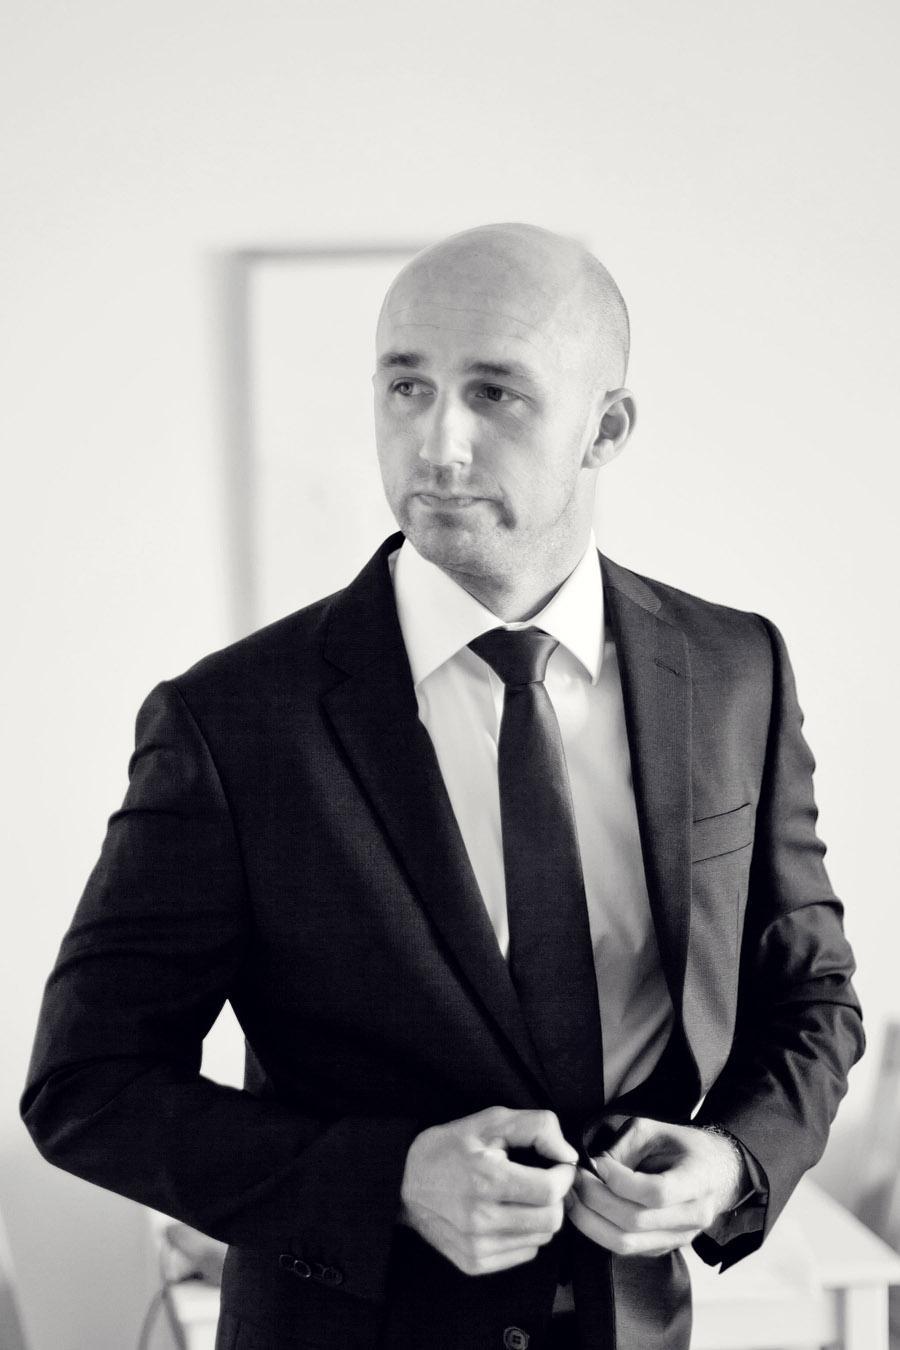 Sydney Wedding Photographer: Groom getting ready